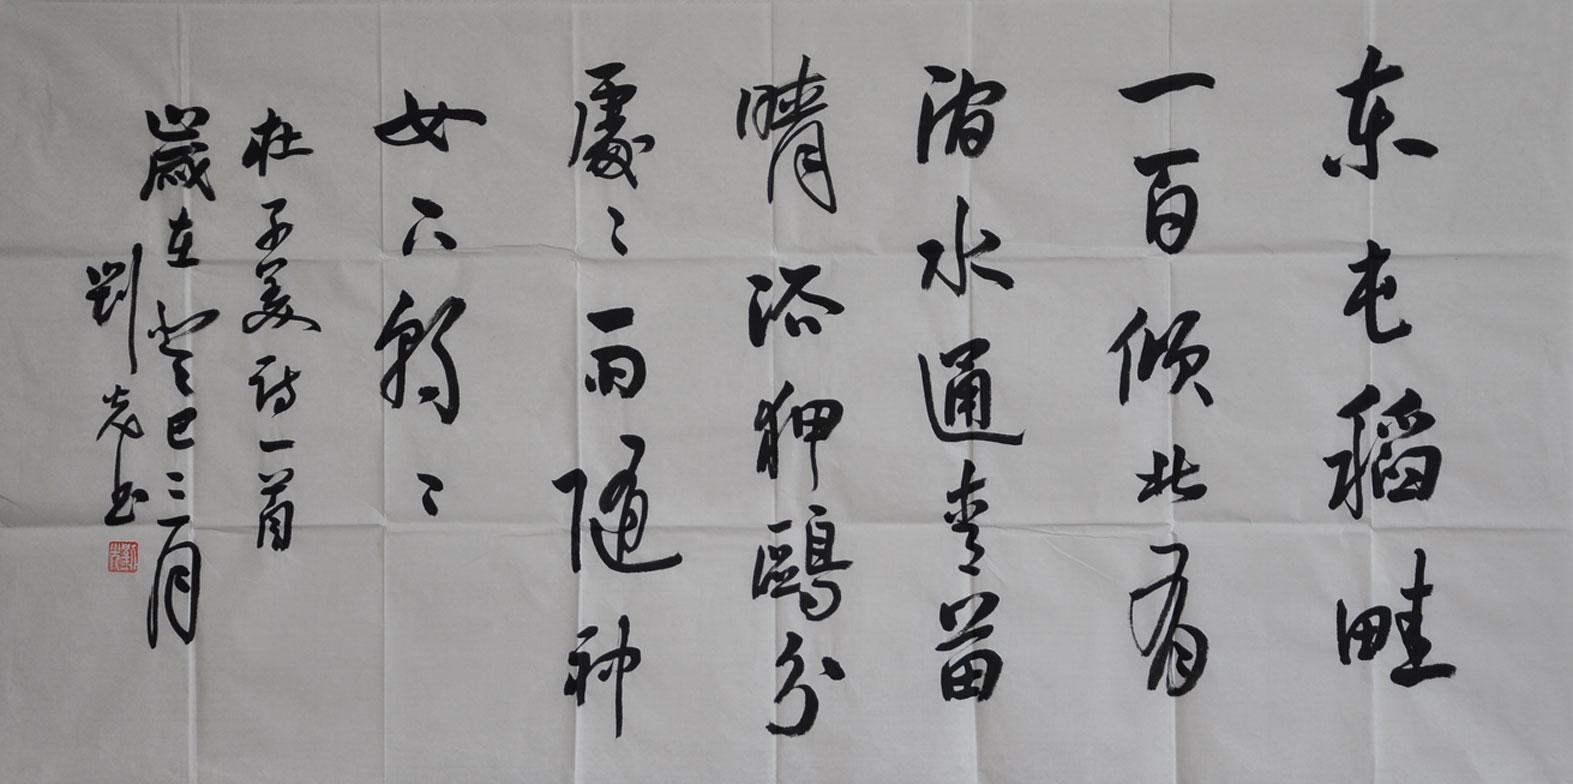 001  刘光